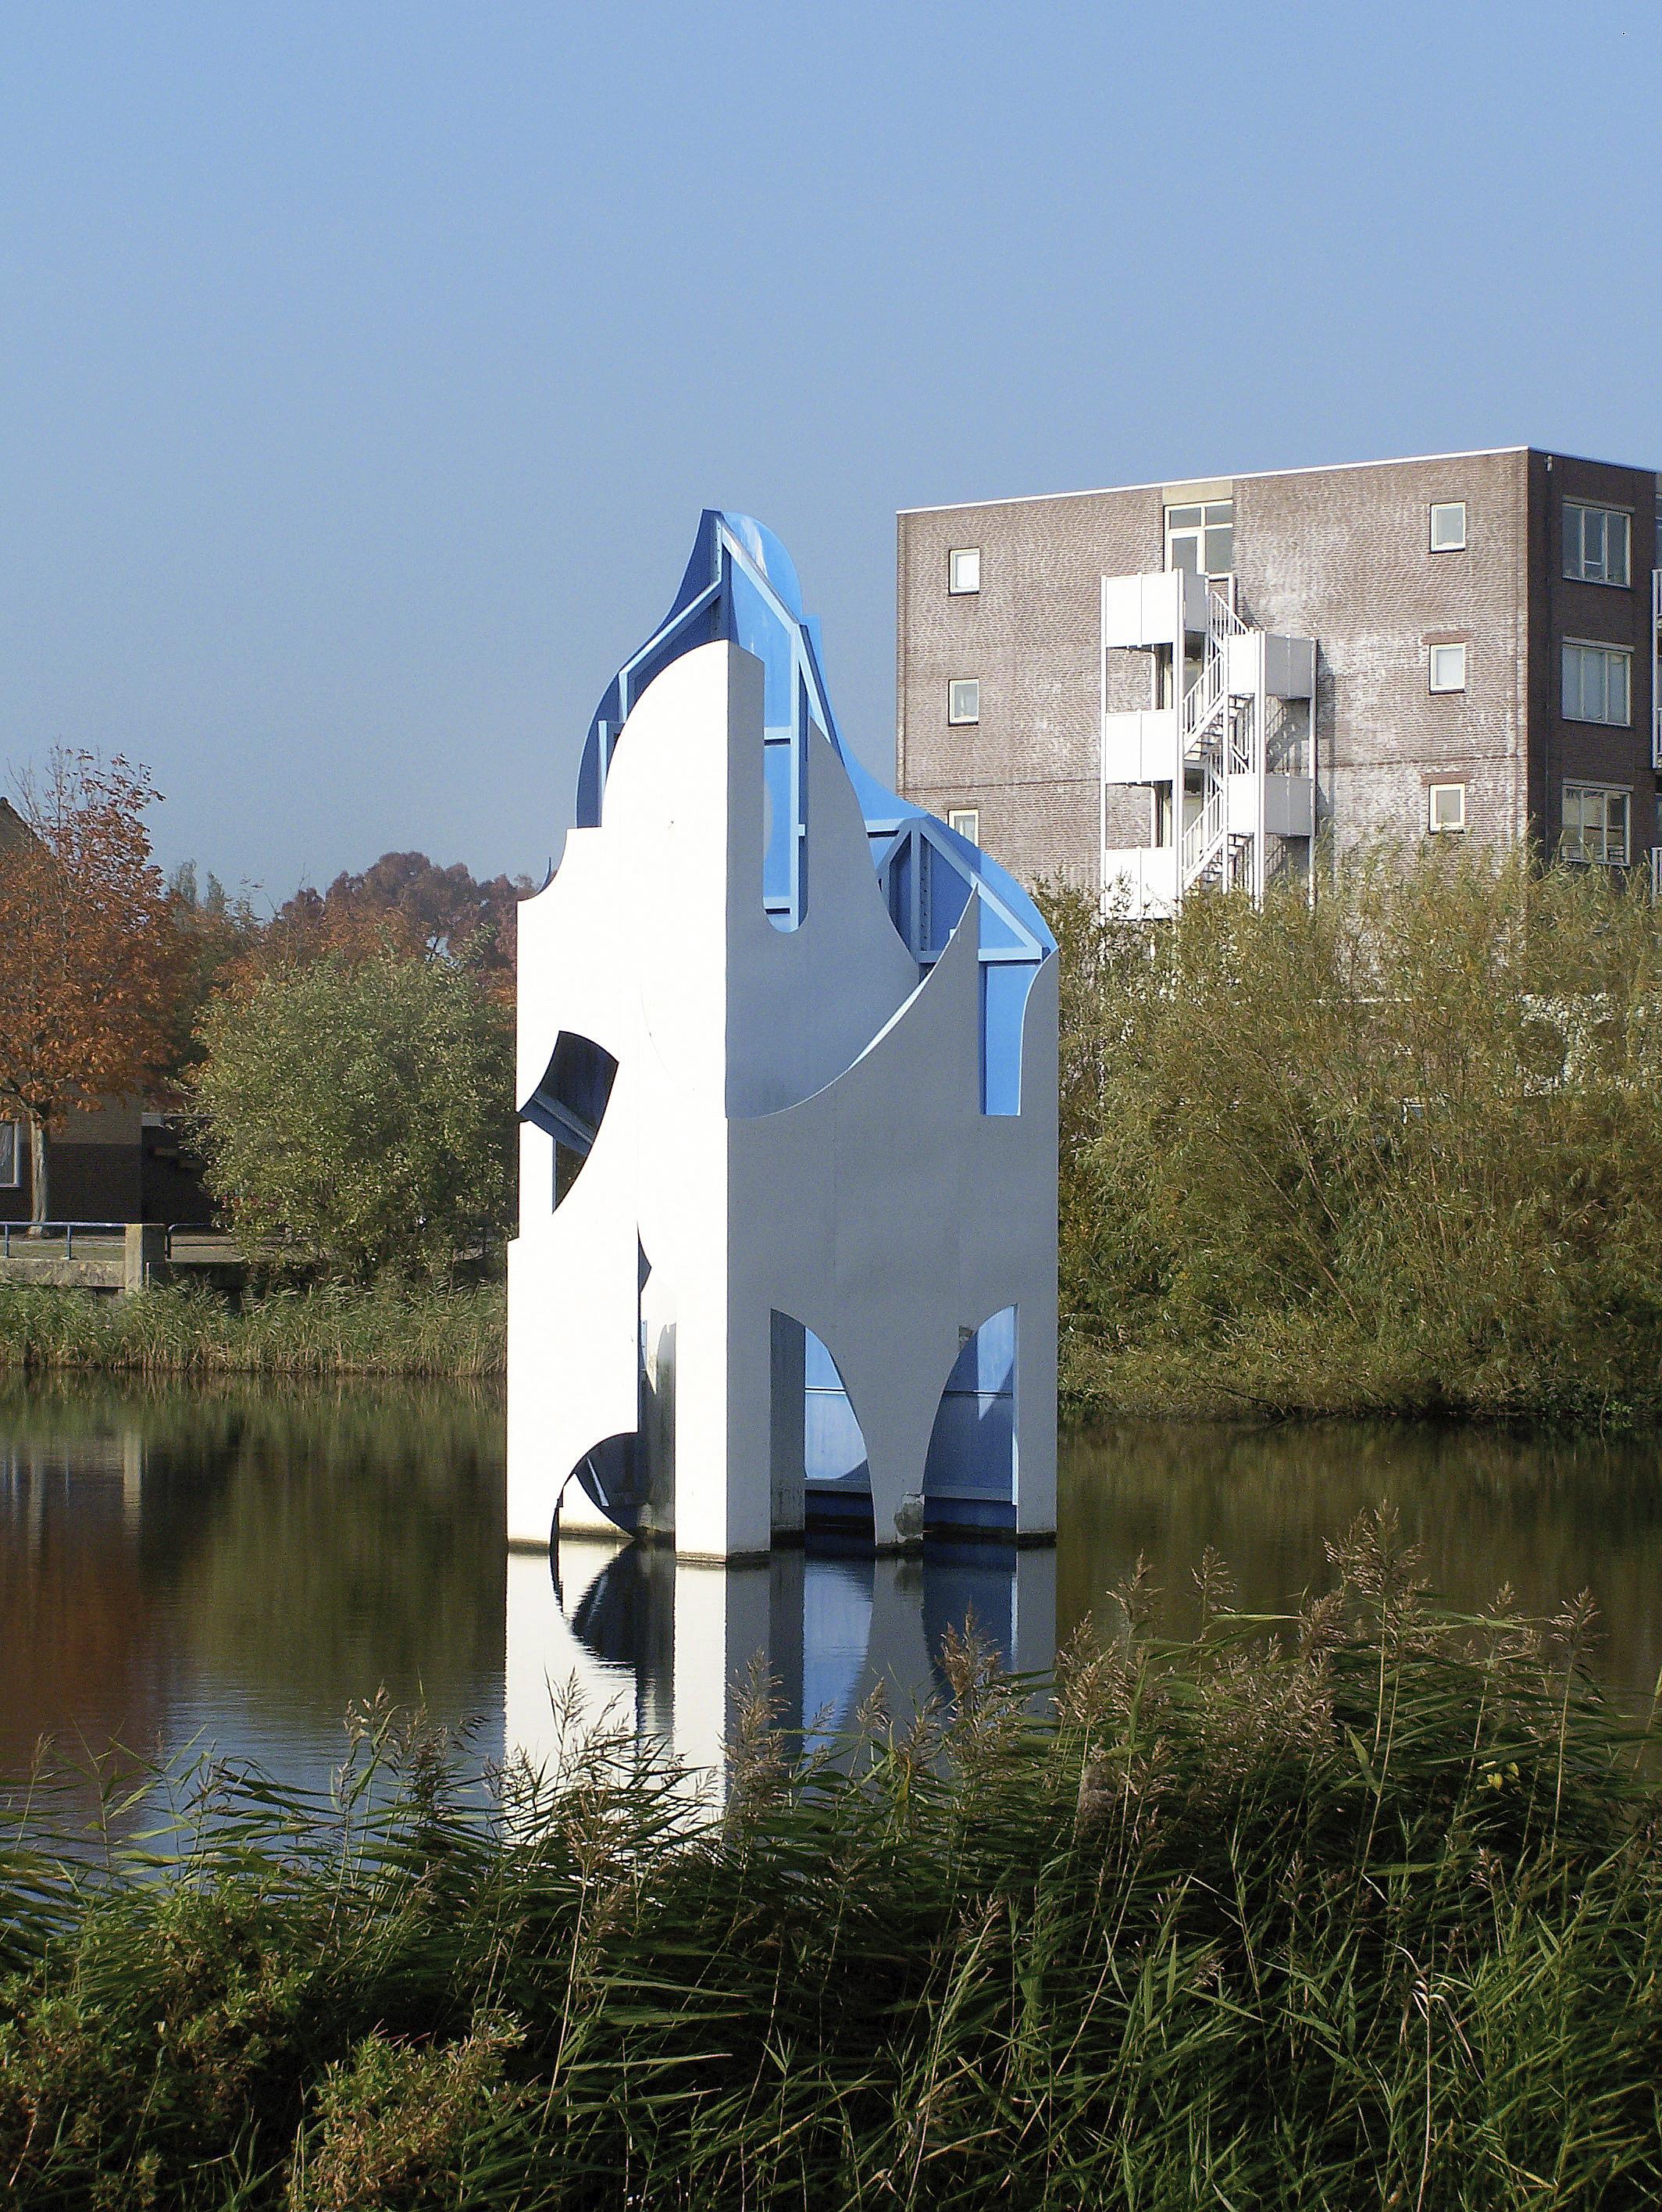 File:Sculptuur Rekerhout Beneluxplein Alkmaar.jpg